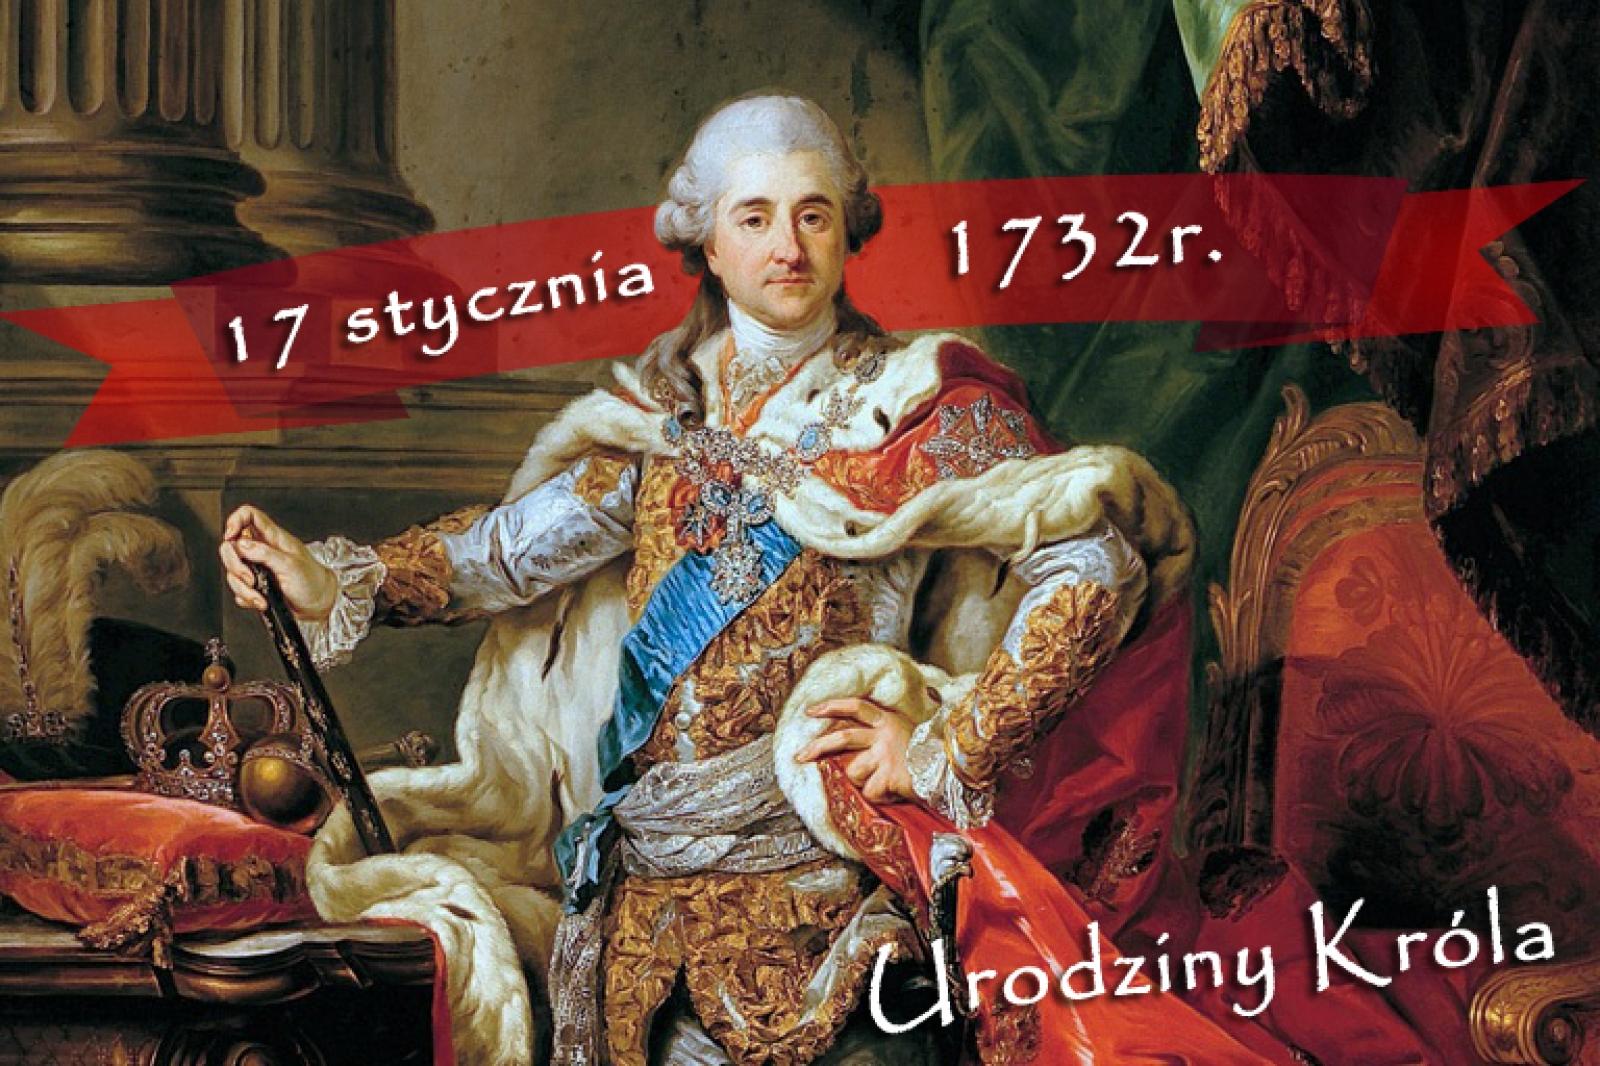 17 STYCZNIA 1732 R. - URODZINY KRÓLA STANISŁAWA AUGUSTA PONIATOWSKIEGO